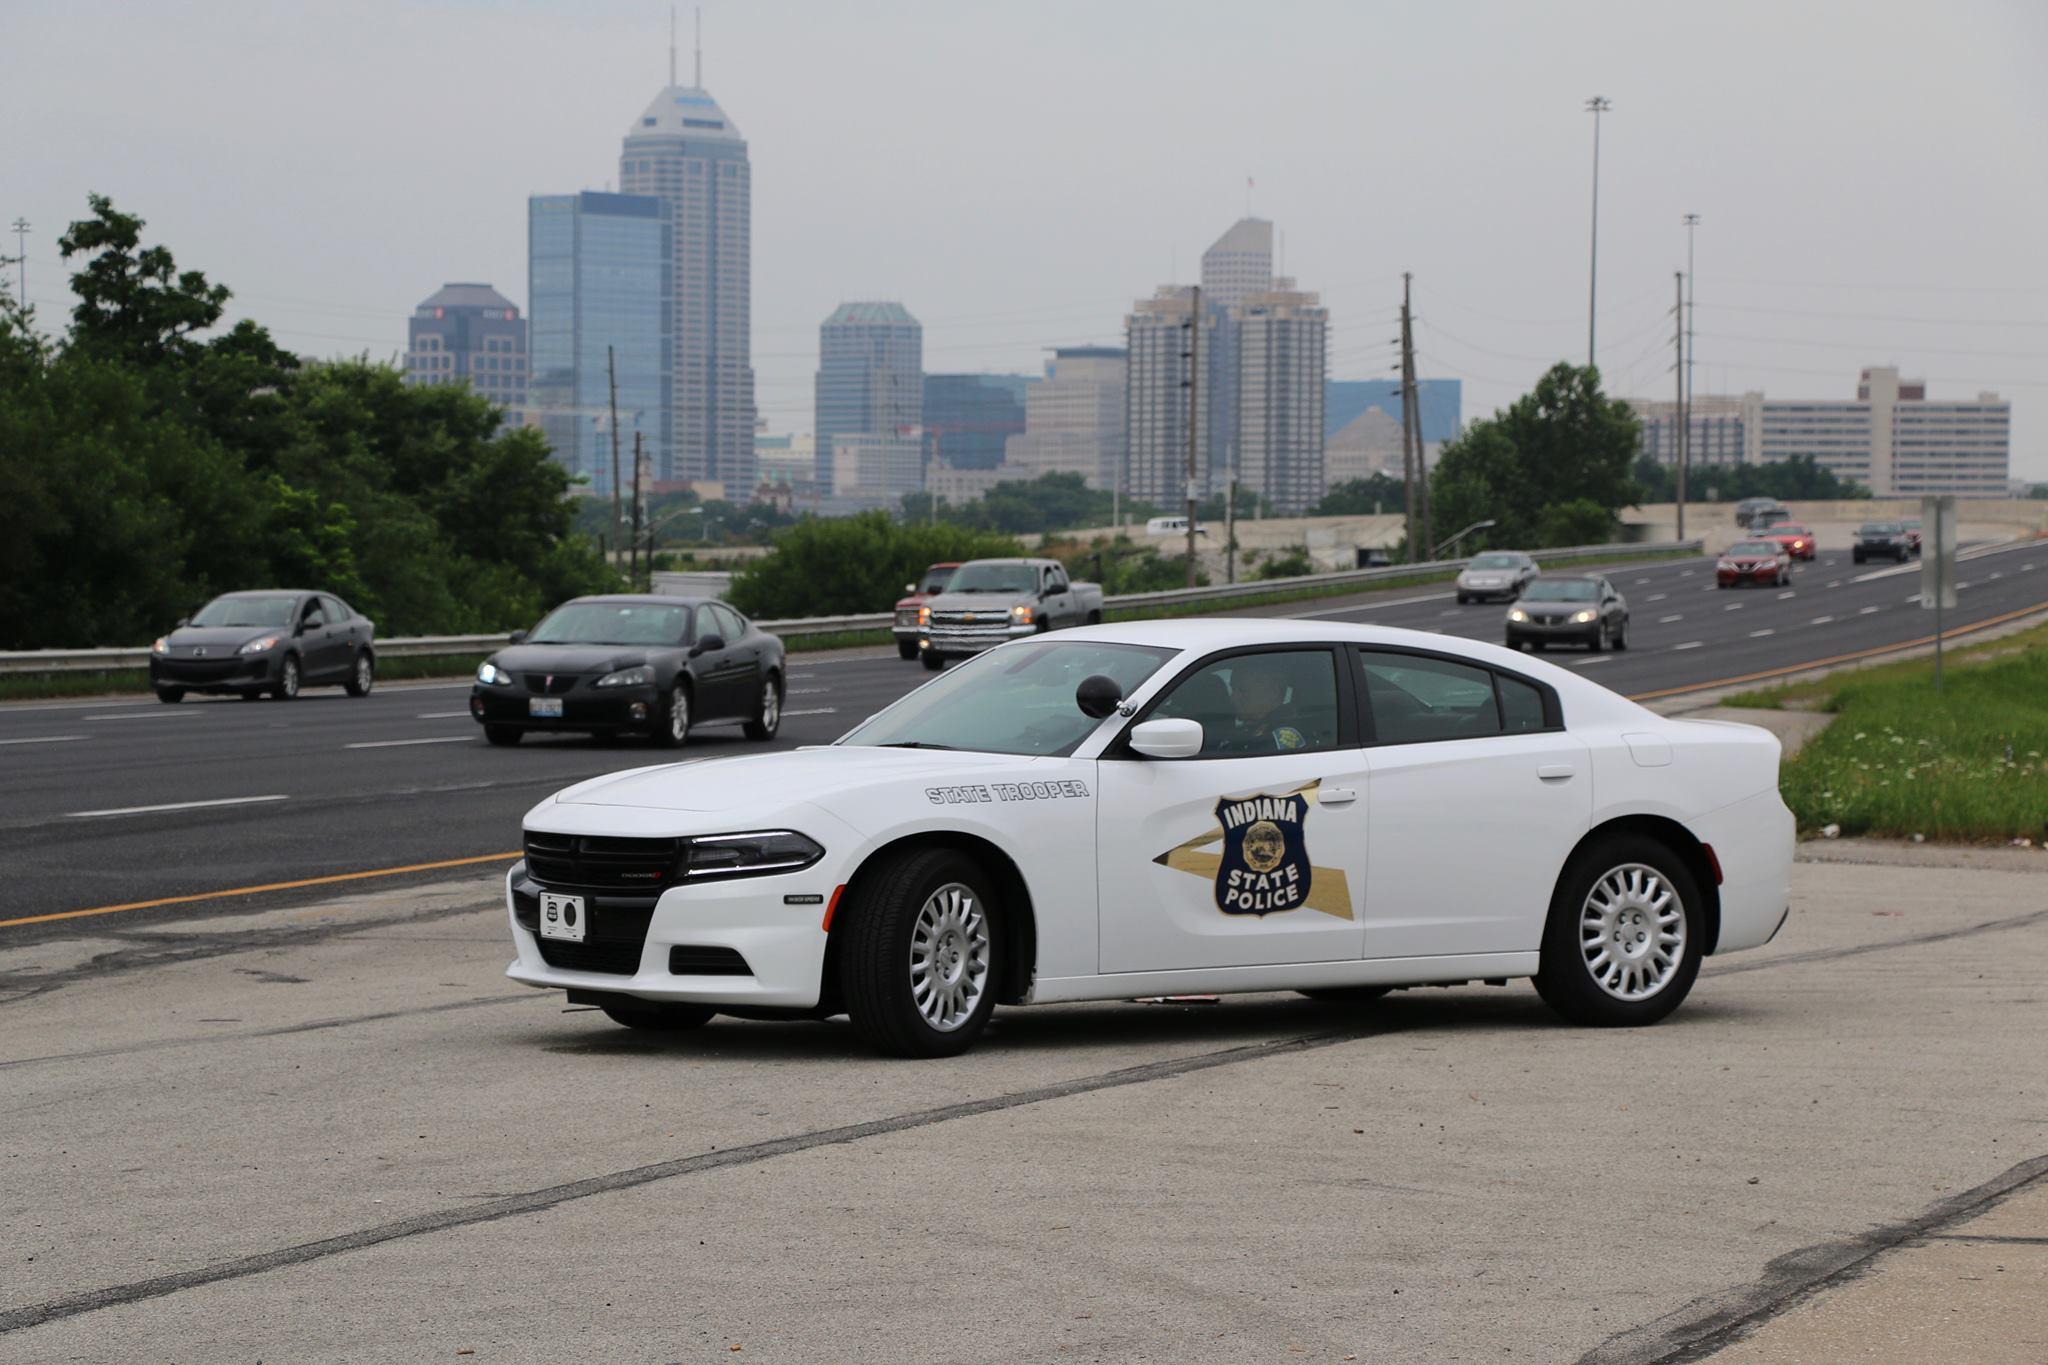 Policja w Indianie zatrzymała motocyklistę jadącego 135 mil na godzinę